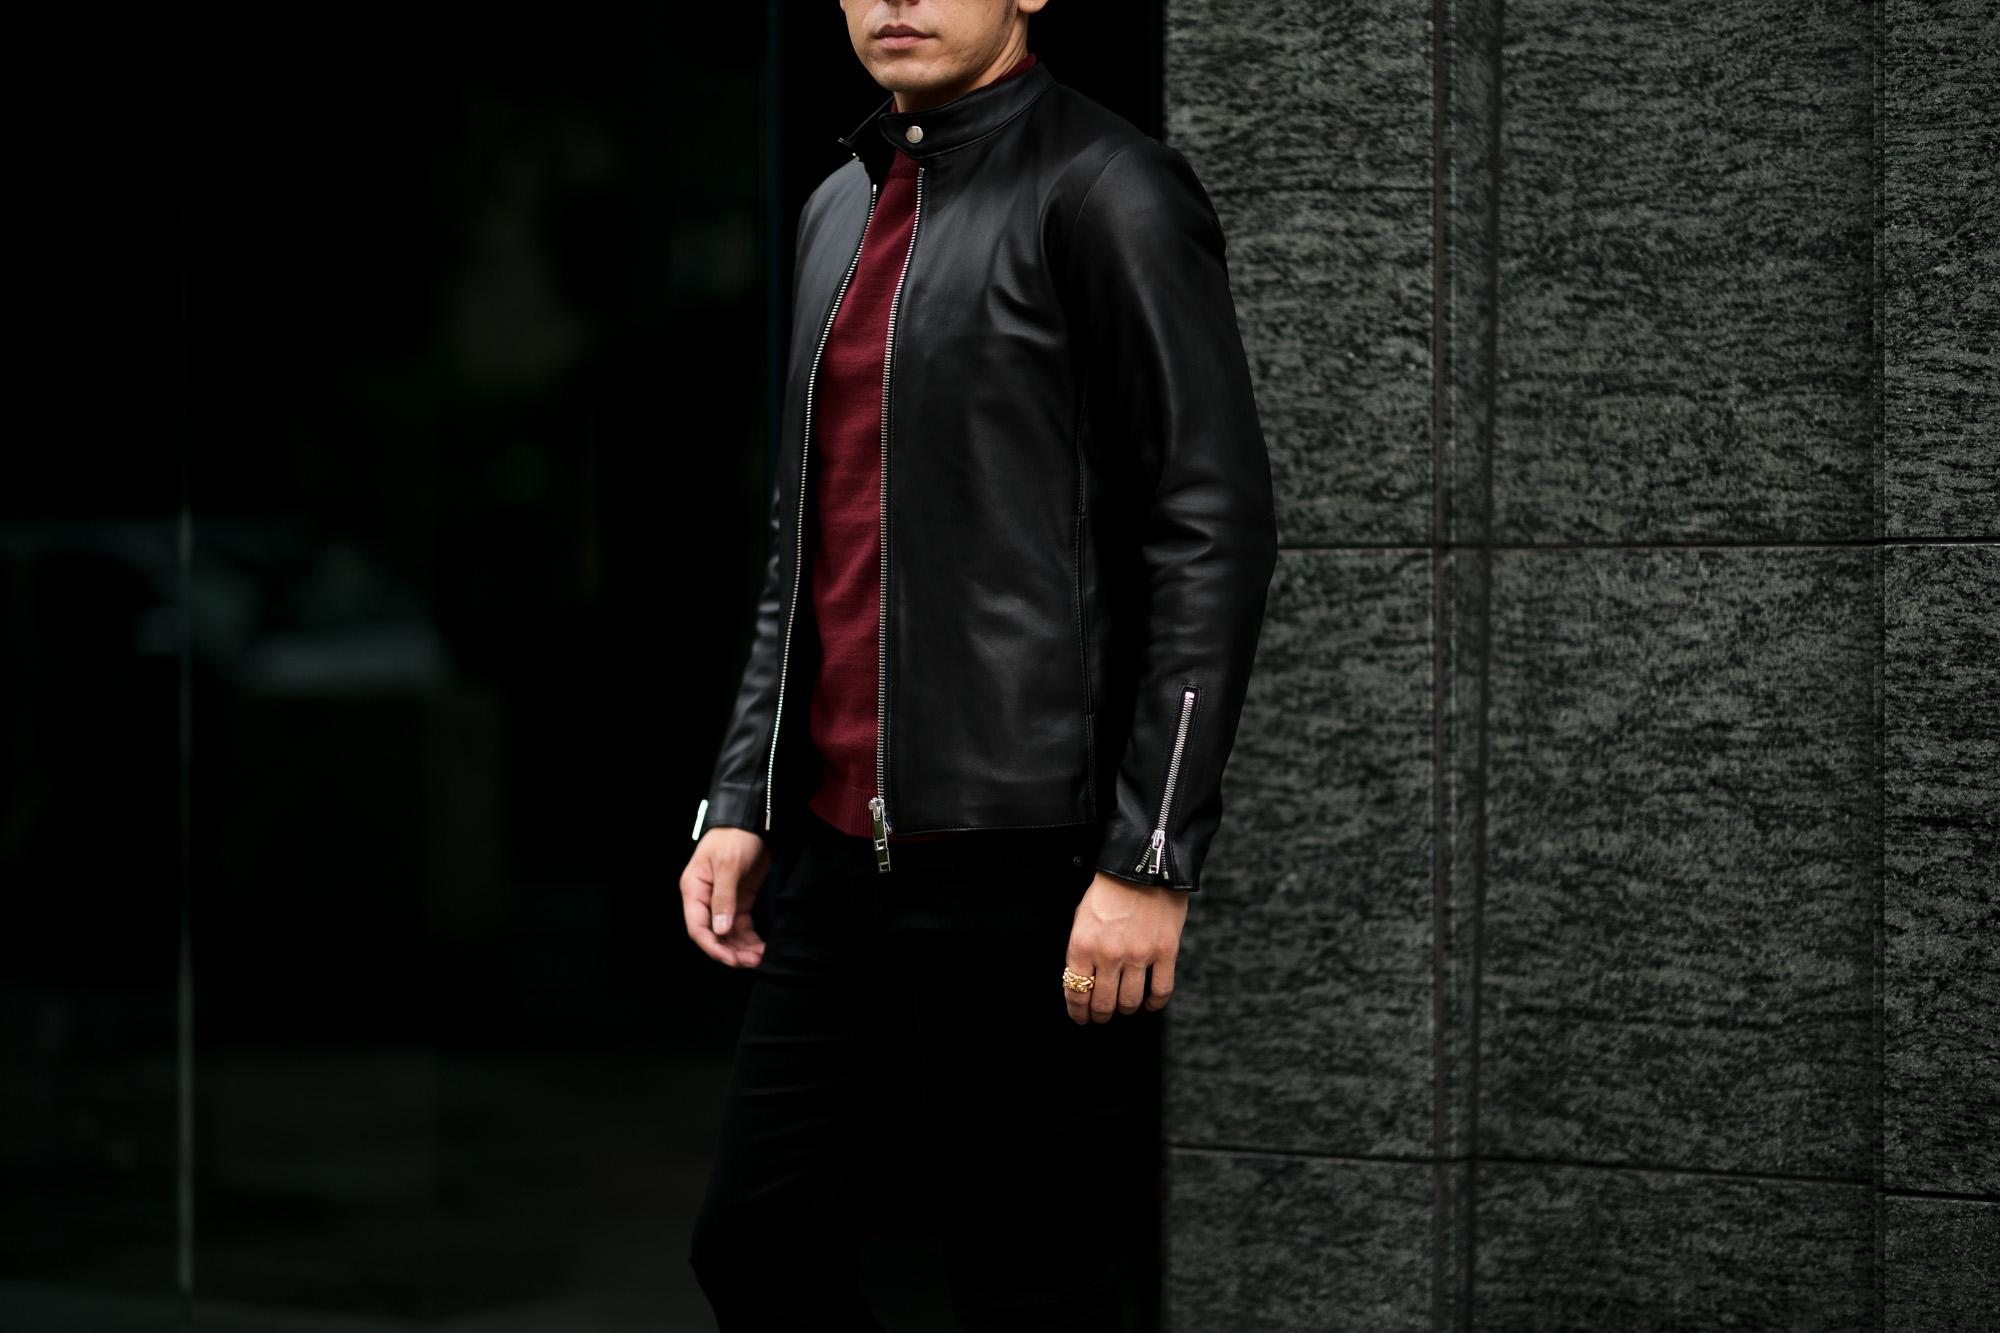 cuervo bopoha (クエルボ ヴァローナ) Satisfaction Leather Collection (サティスファクション レザー コレクション) RICHARD (リチャード) LAMB LEATHER (ラムレザー) シングル ライダース ジャケット BLACK (ブラック) MADE IN JAPAN (日本製) 2021秋冬 愛知 名古屋 Alto e Diritto altoediritto アルトエデリット